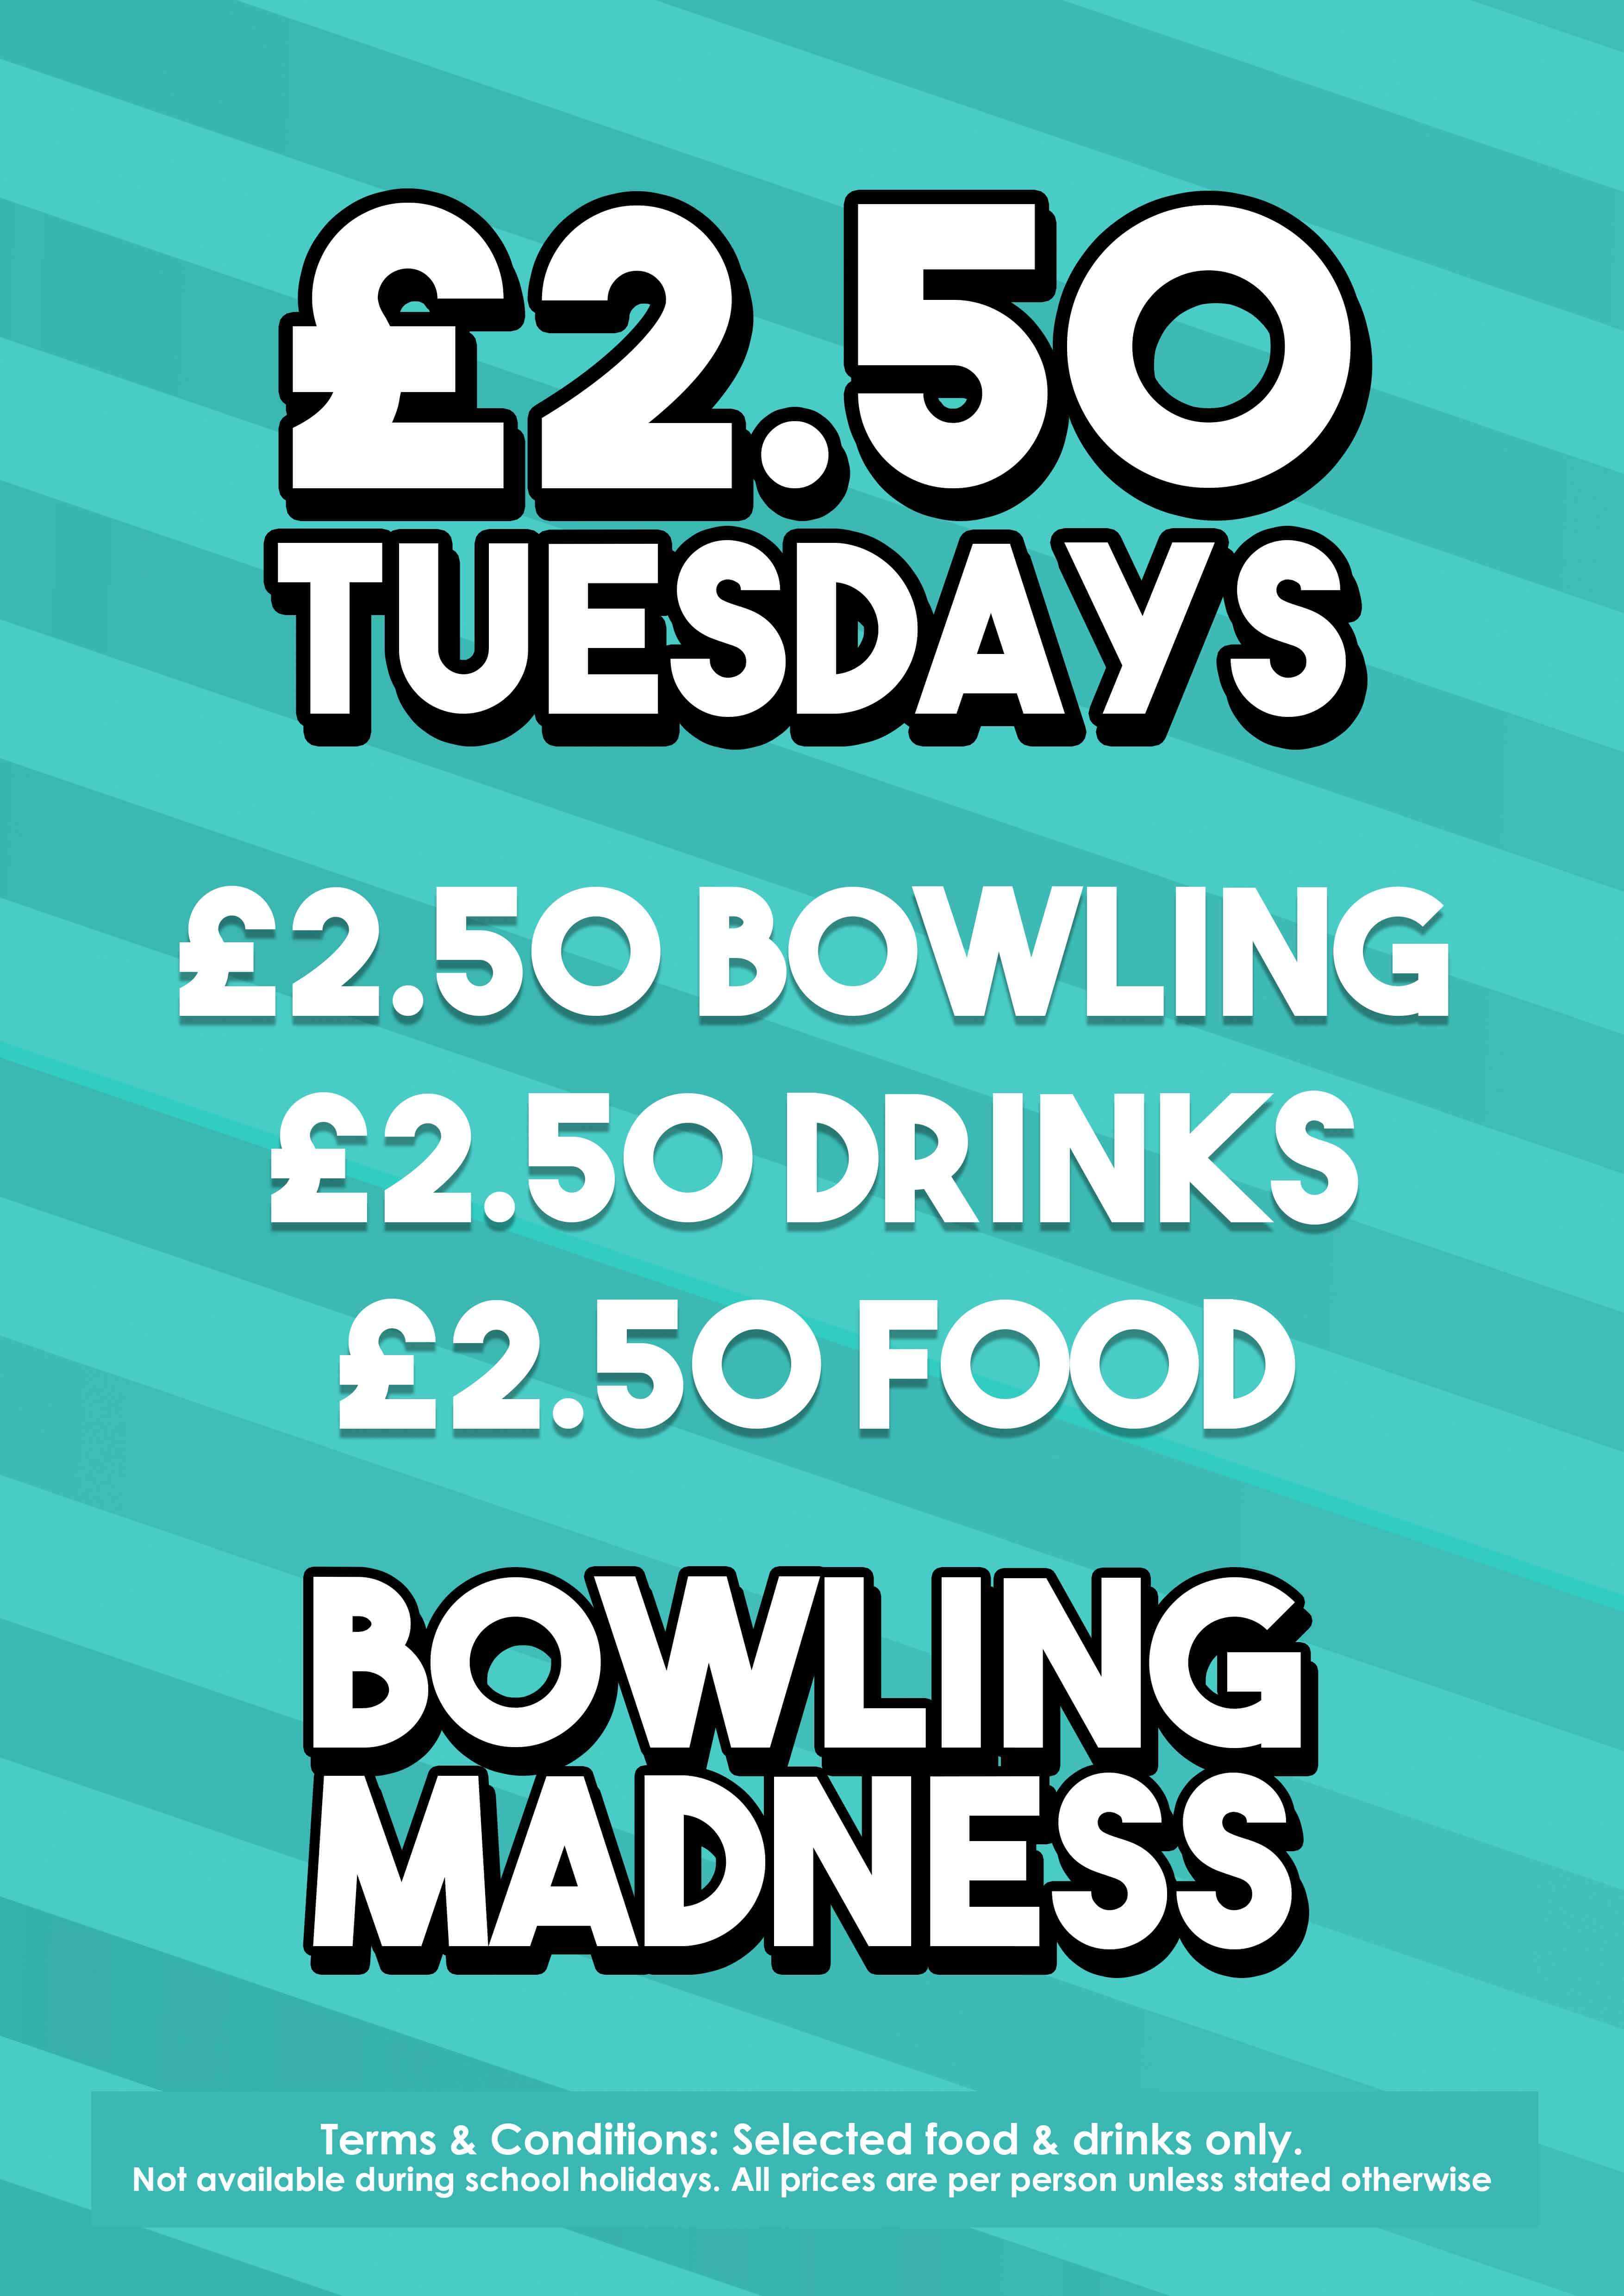 Sunderland Bowl - Eat, Drink & BOWL  Family friendly